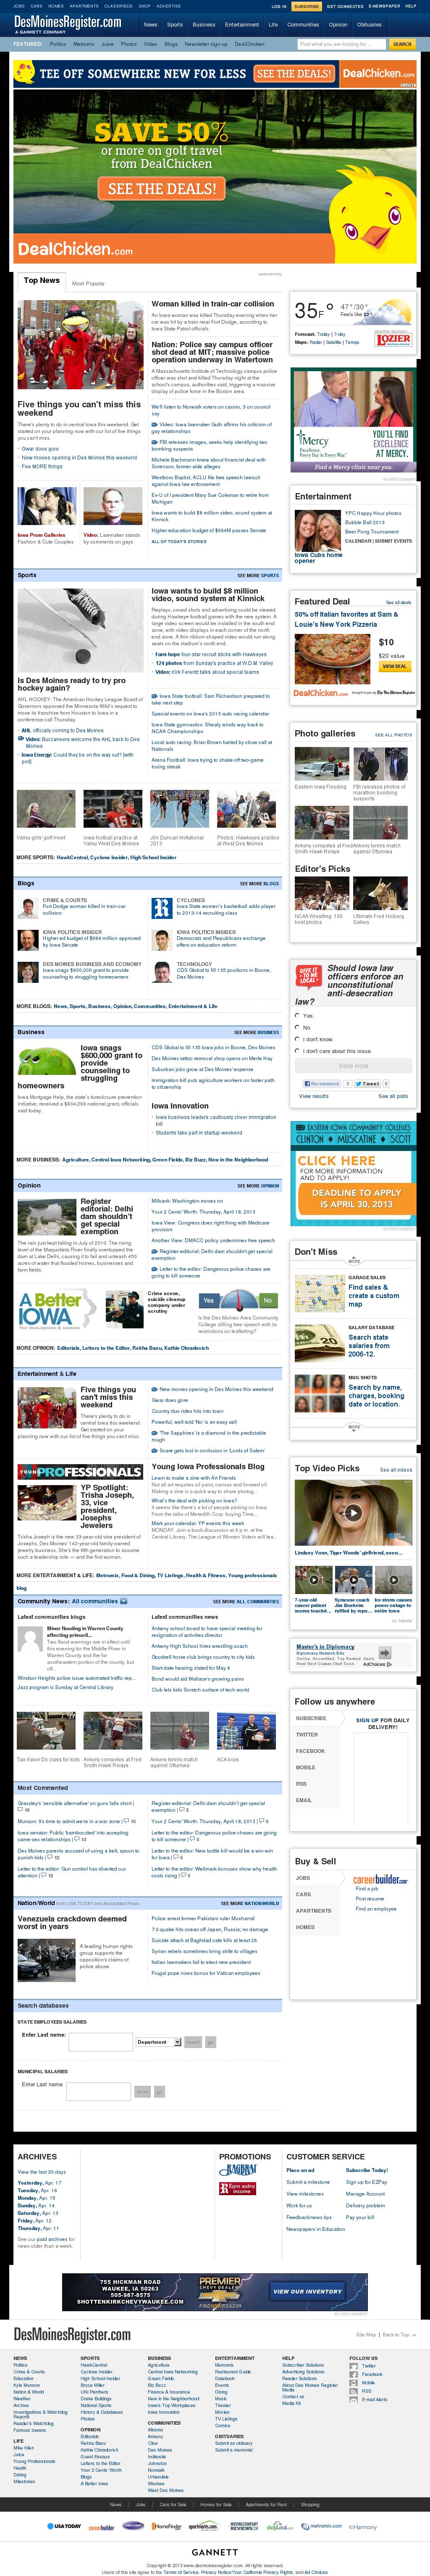 DesMoinesRegister.com at Friday April 19, 2013, 7:05 a.m. UTC